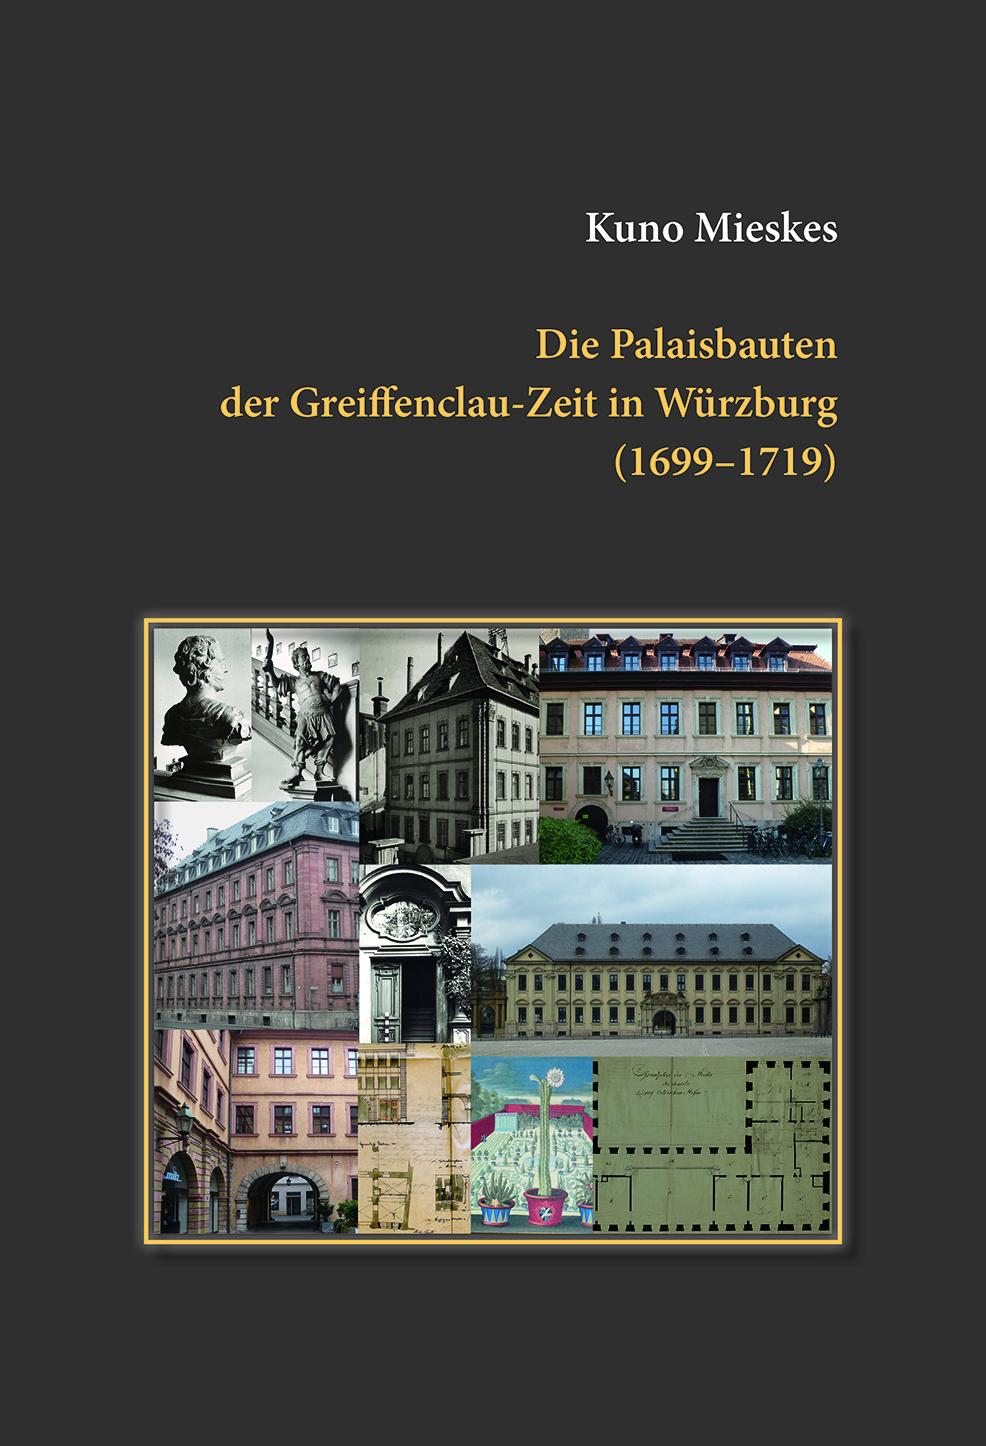 Mieskes Kuno - Die Palaisbauten der Greiffenclau-Zeit in Würzburg (1699-1719)